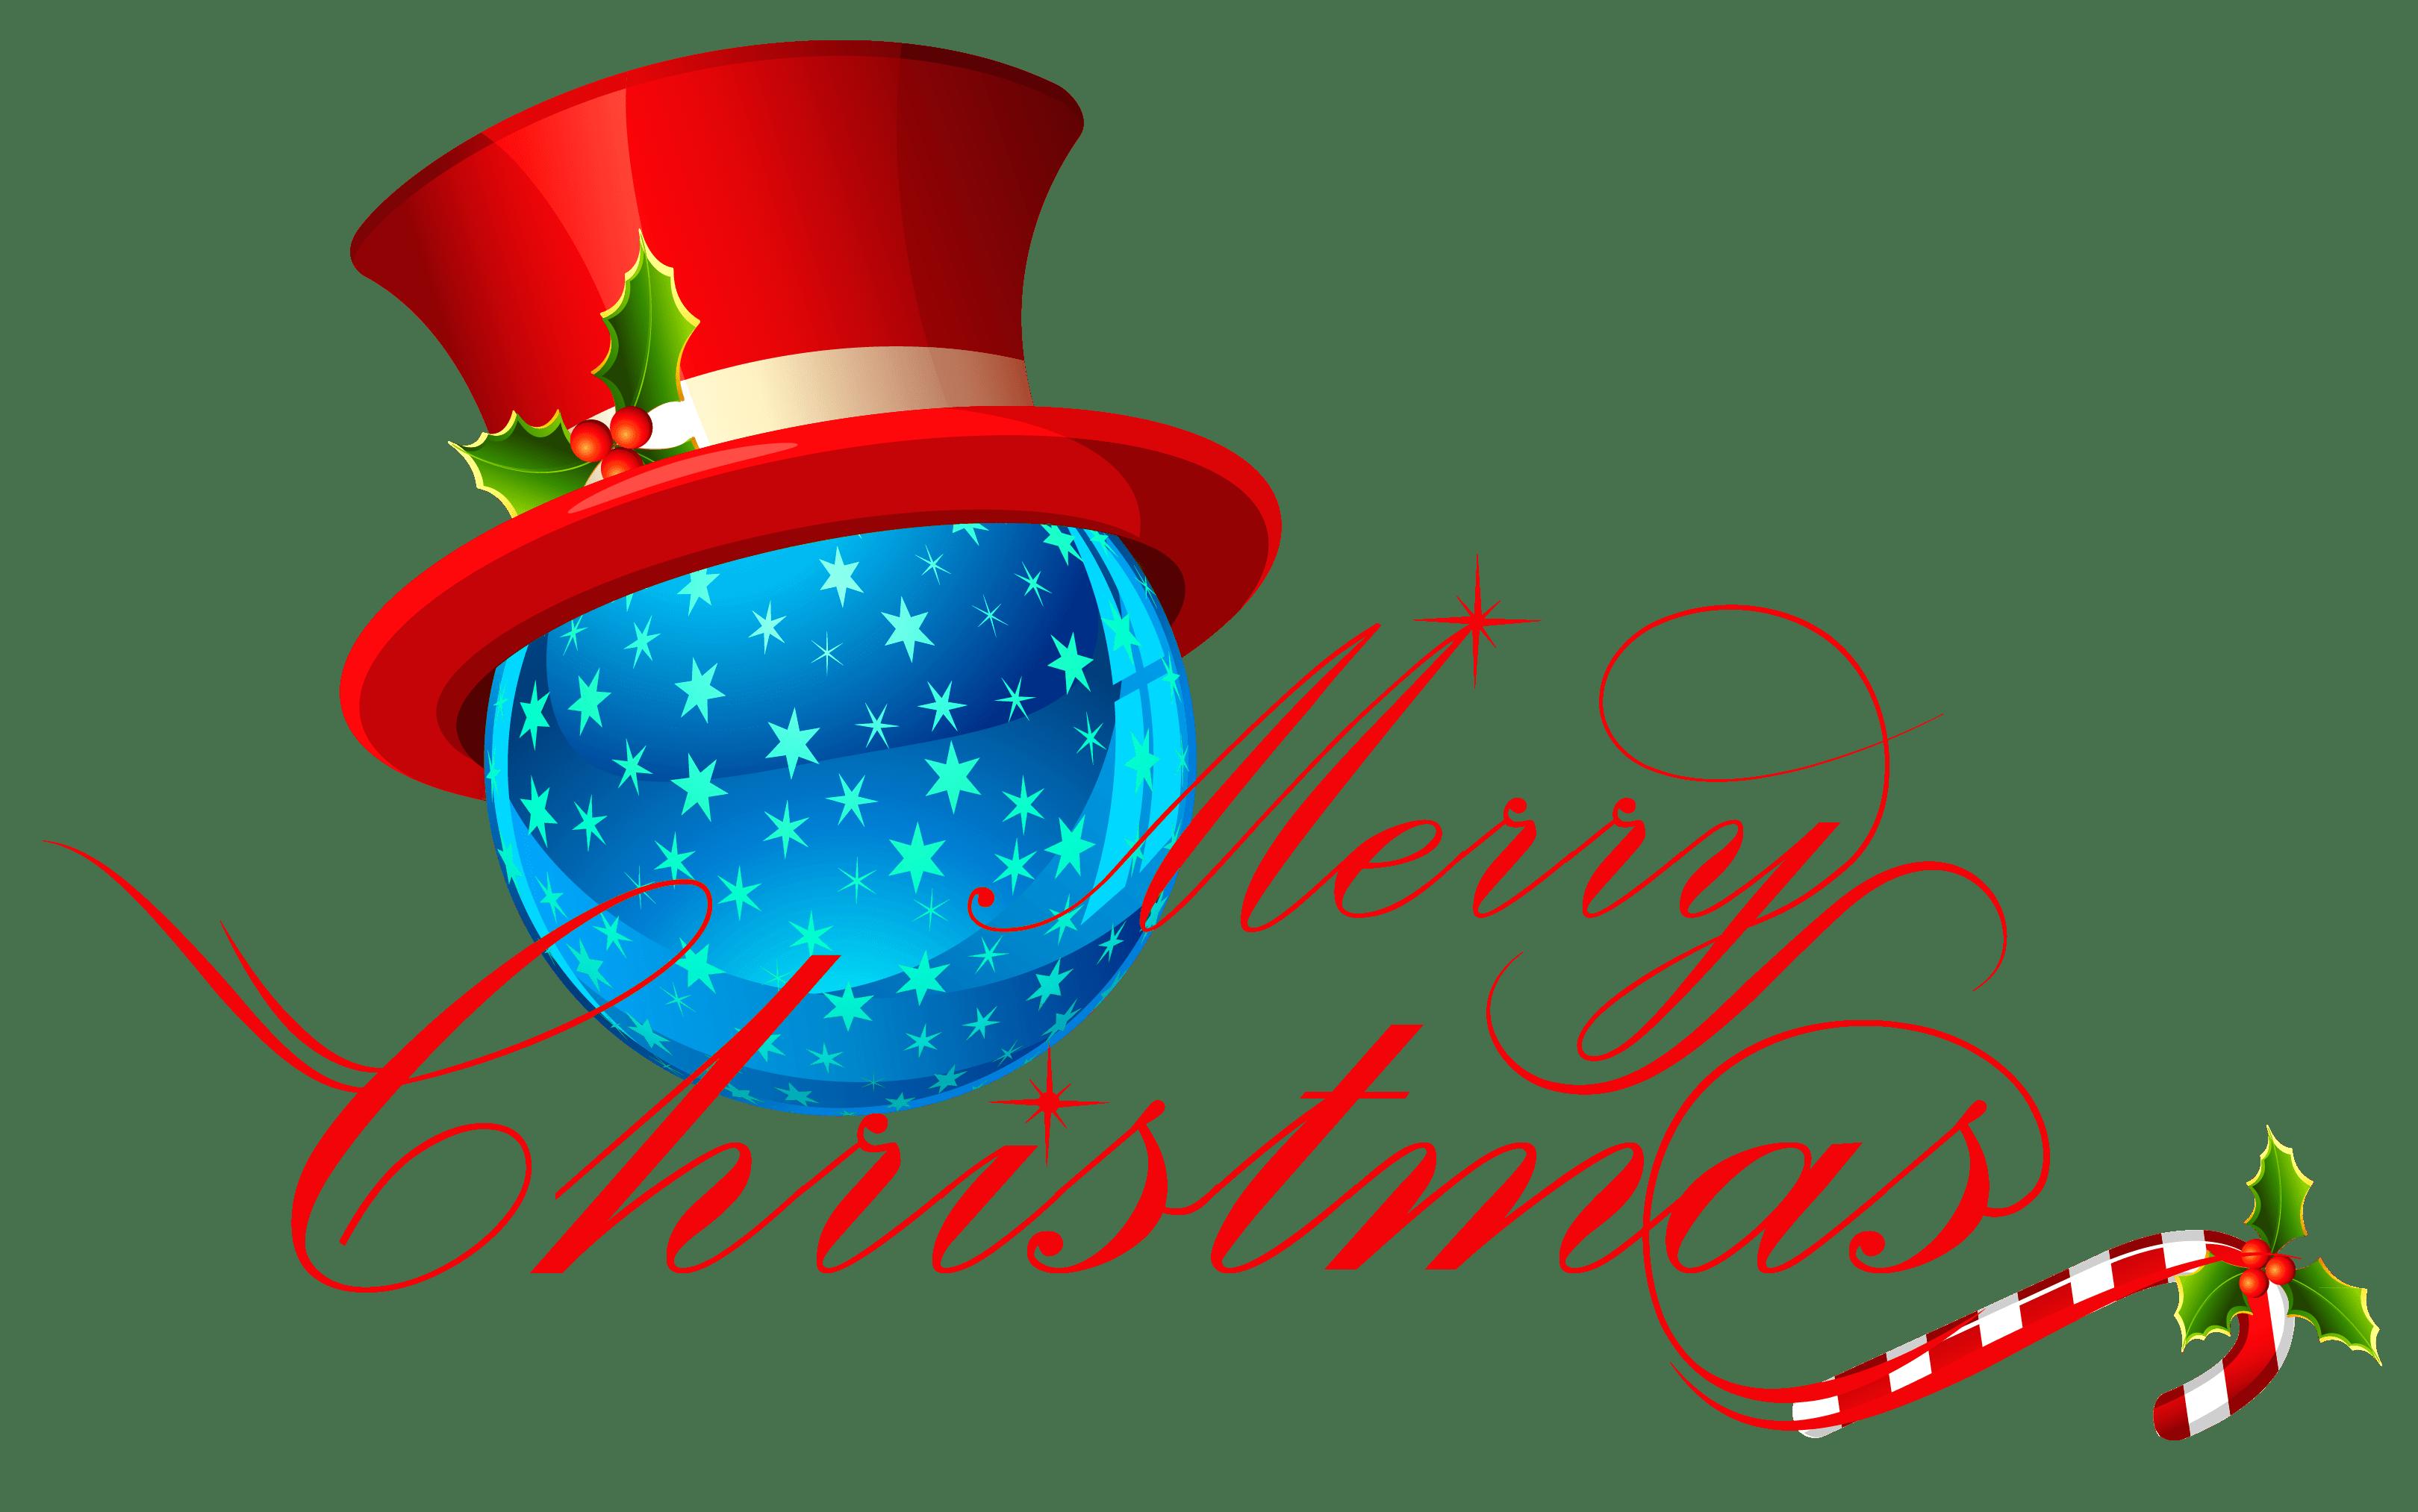 3239x2026 Merry Christmas Playful Text Transparent Png